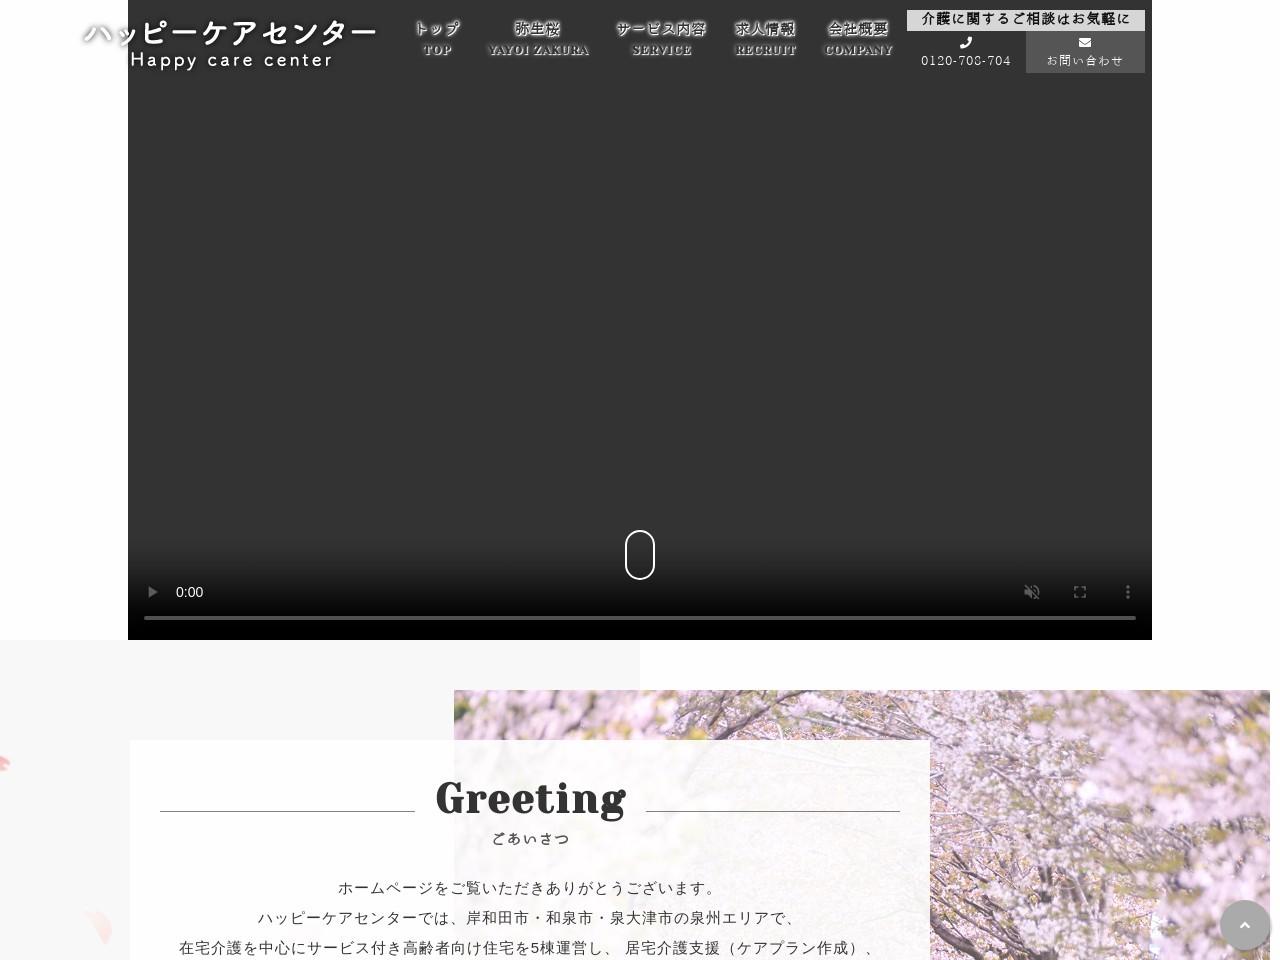 【公式】ハッピーケアセンター